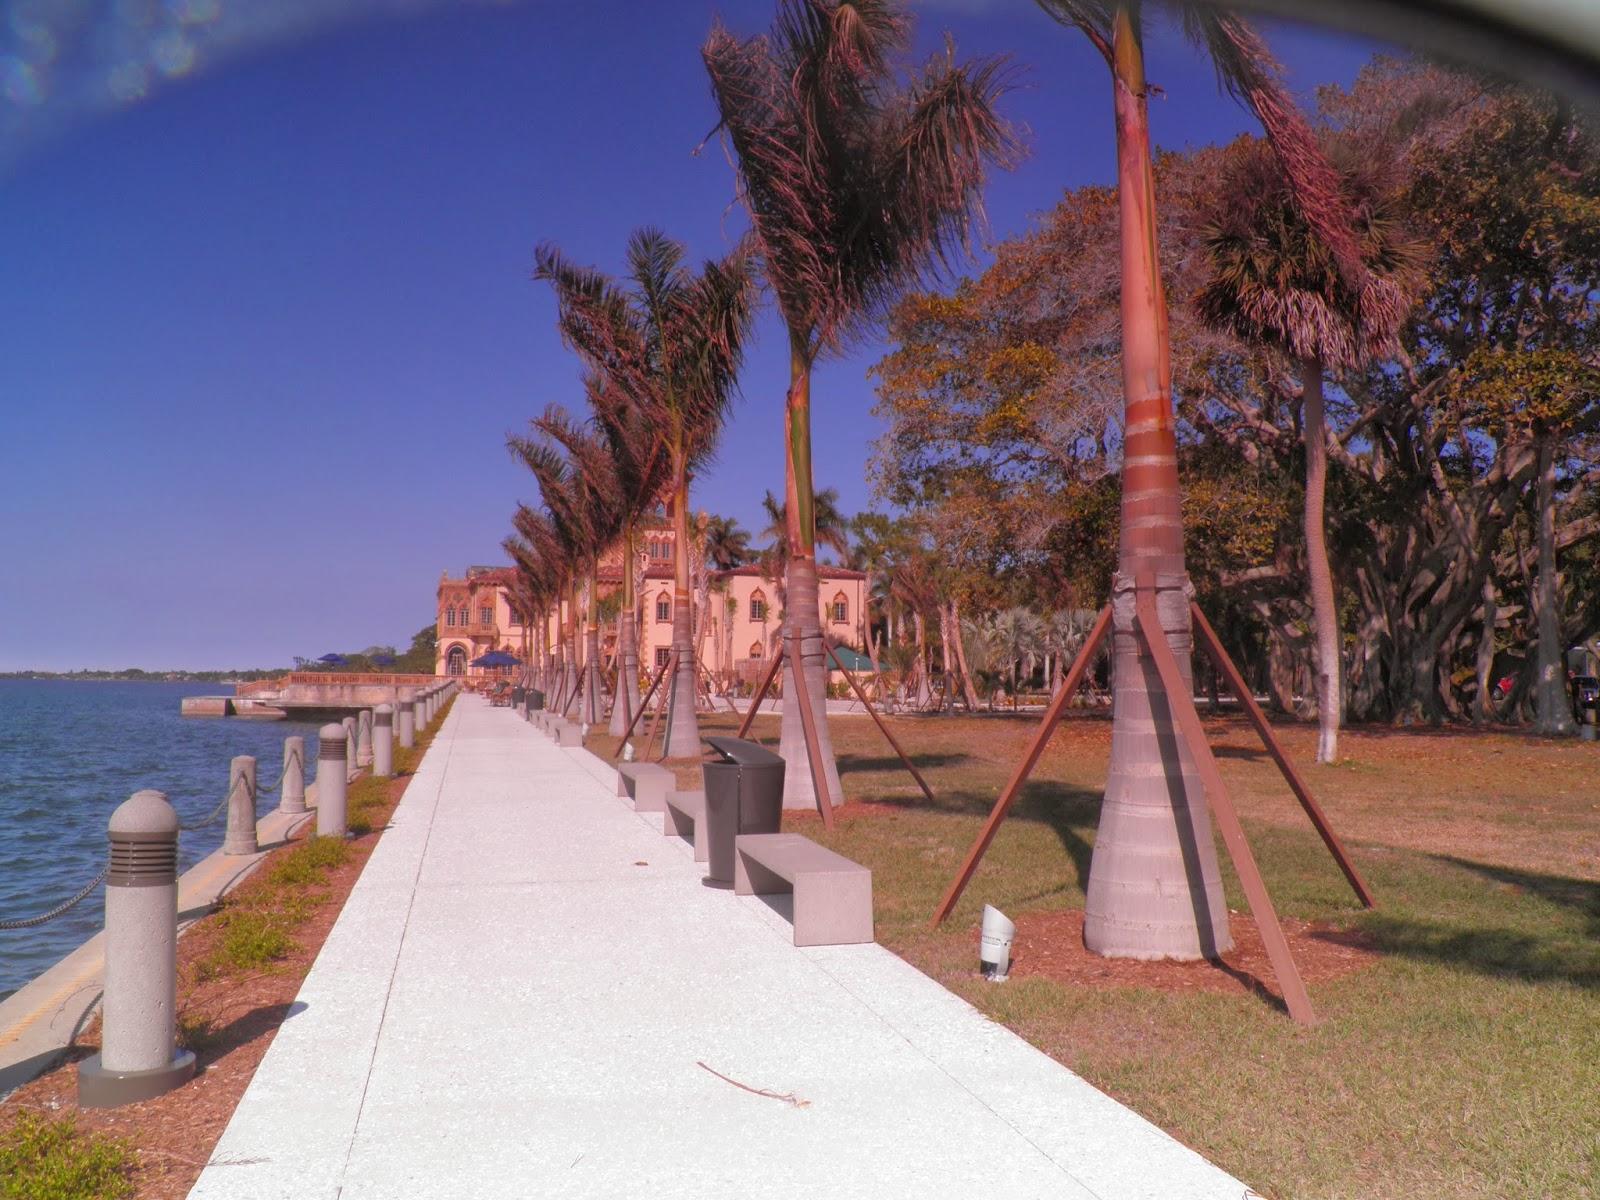 Viagem aos Estados Unidos; SEM GUIA; América do Norte; turismo; lazer; viagem; USA; Sarasota; Flórida; Garden;